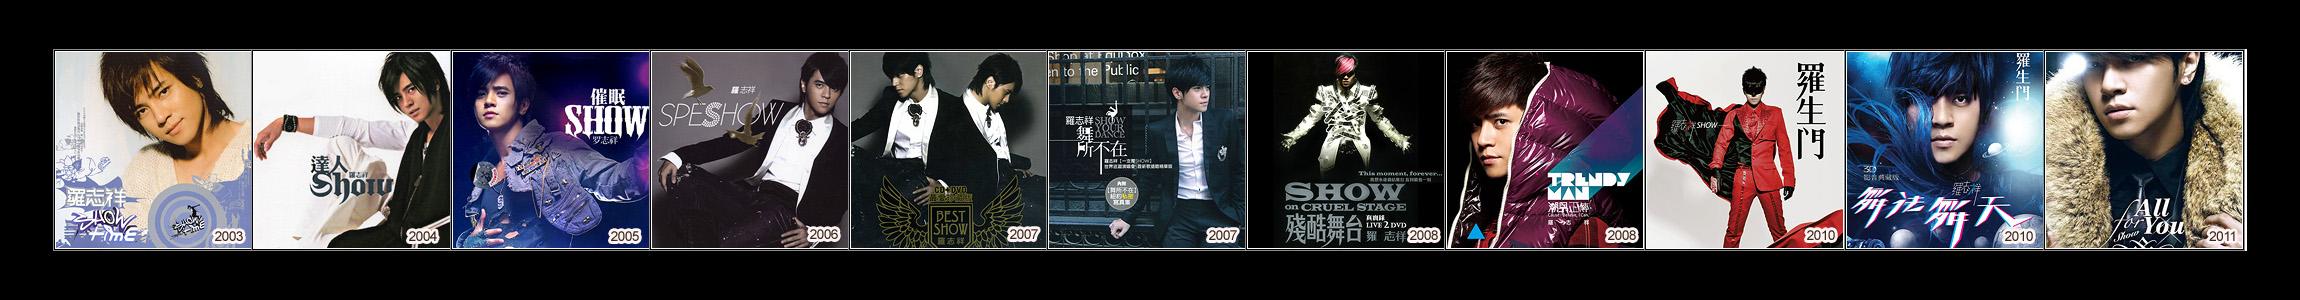 Китайский исполнитель Ло Чжисян / Китайская музыка в Магазете